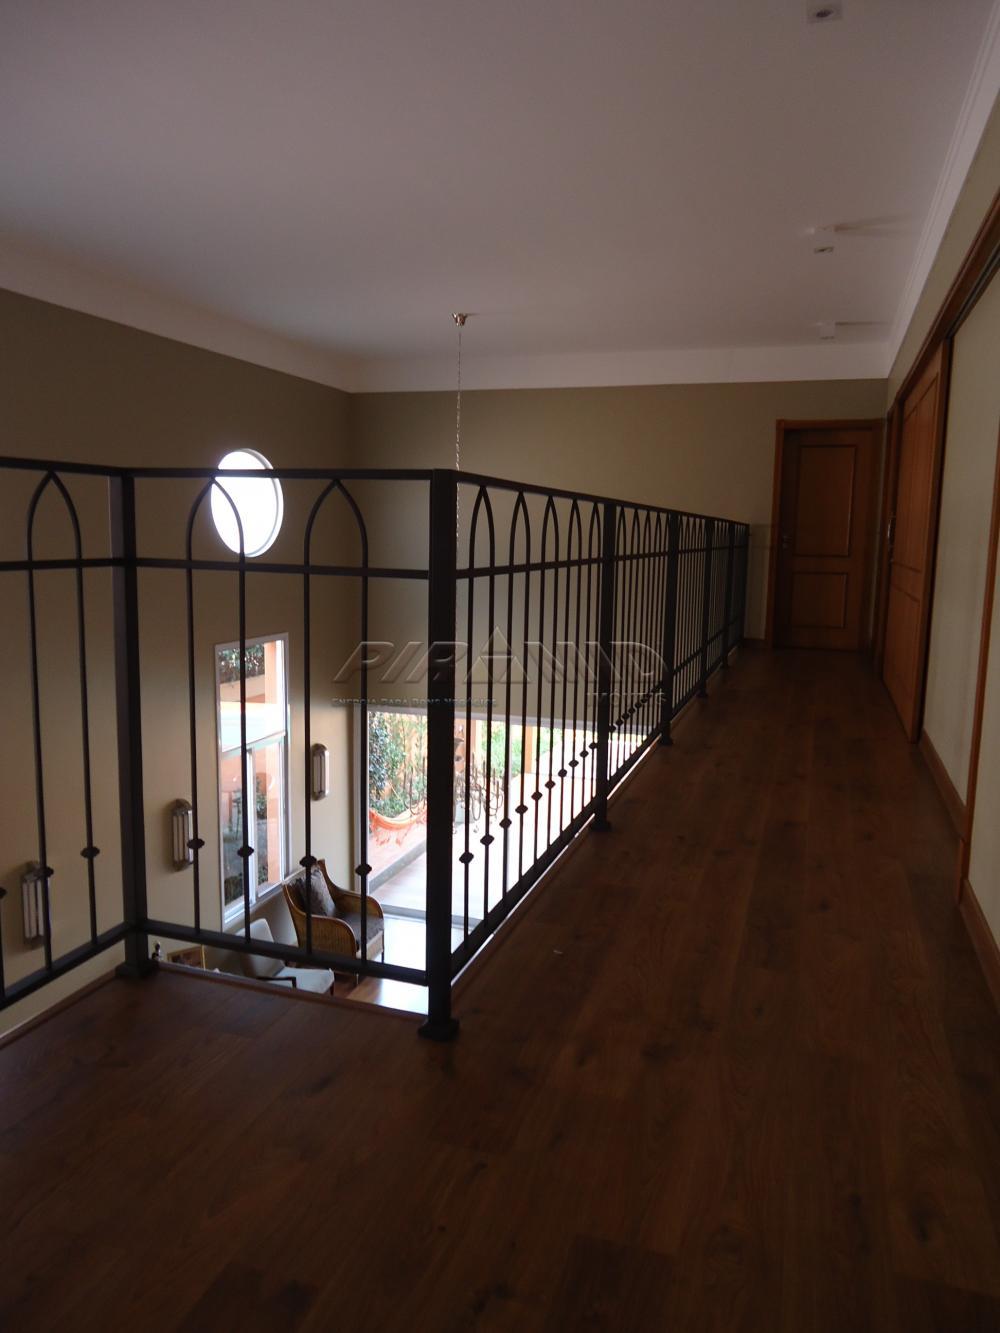 Comprar Casa / Condomínio em Ribeirão Preto apenas R$ 2.600.000,00 - Foto 25